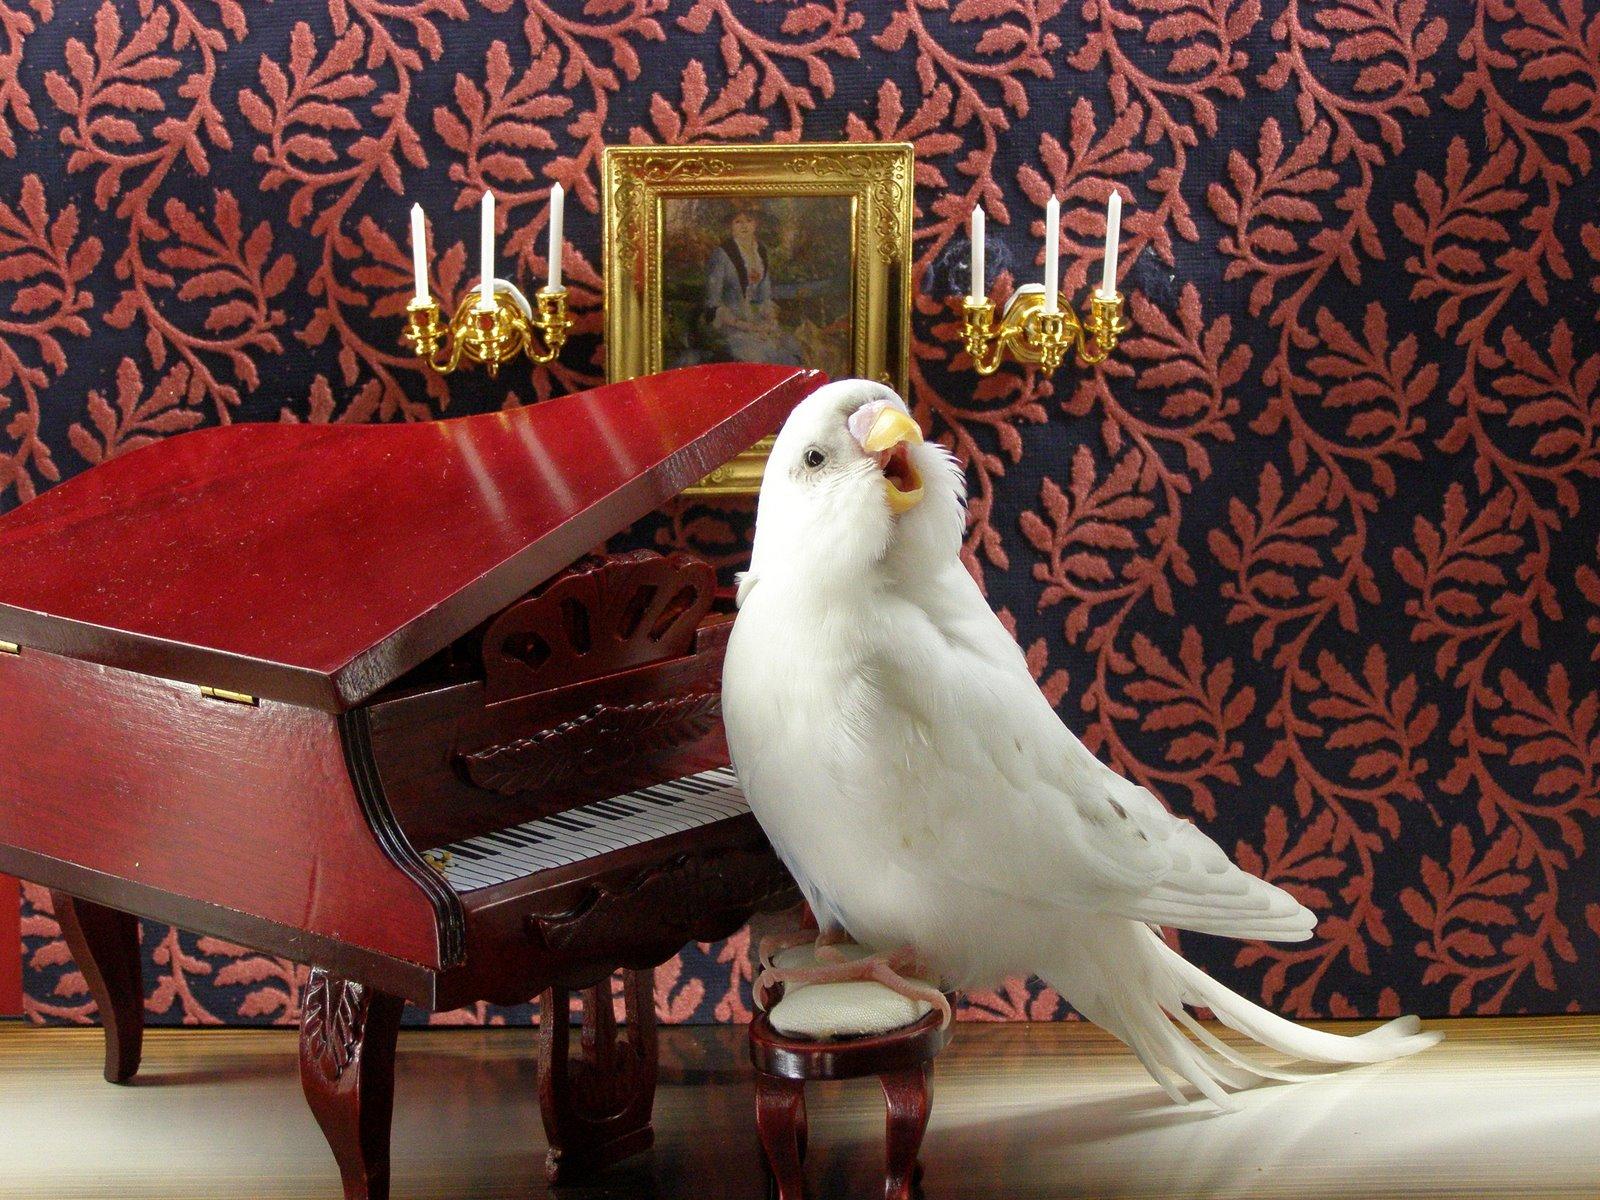 Смешная картинка с попугаем